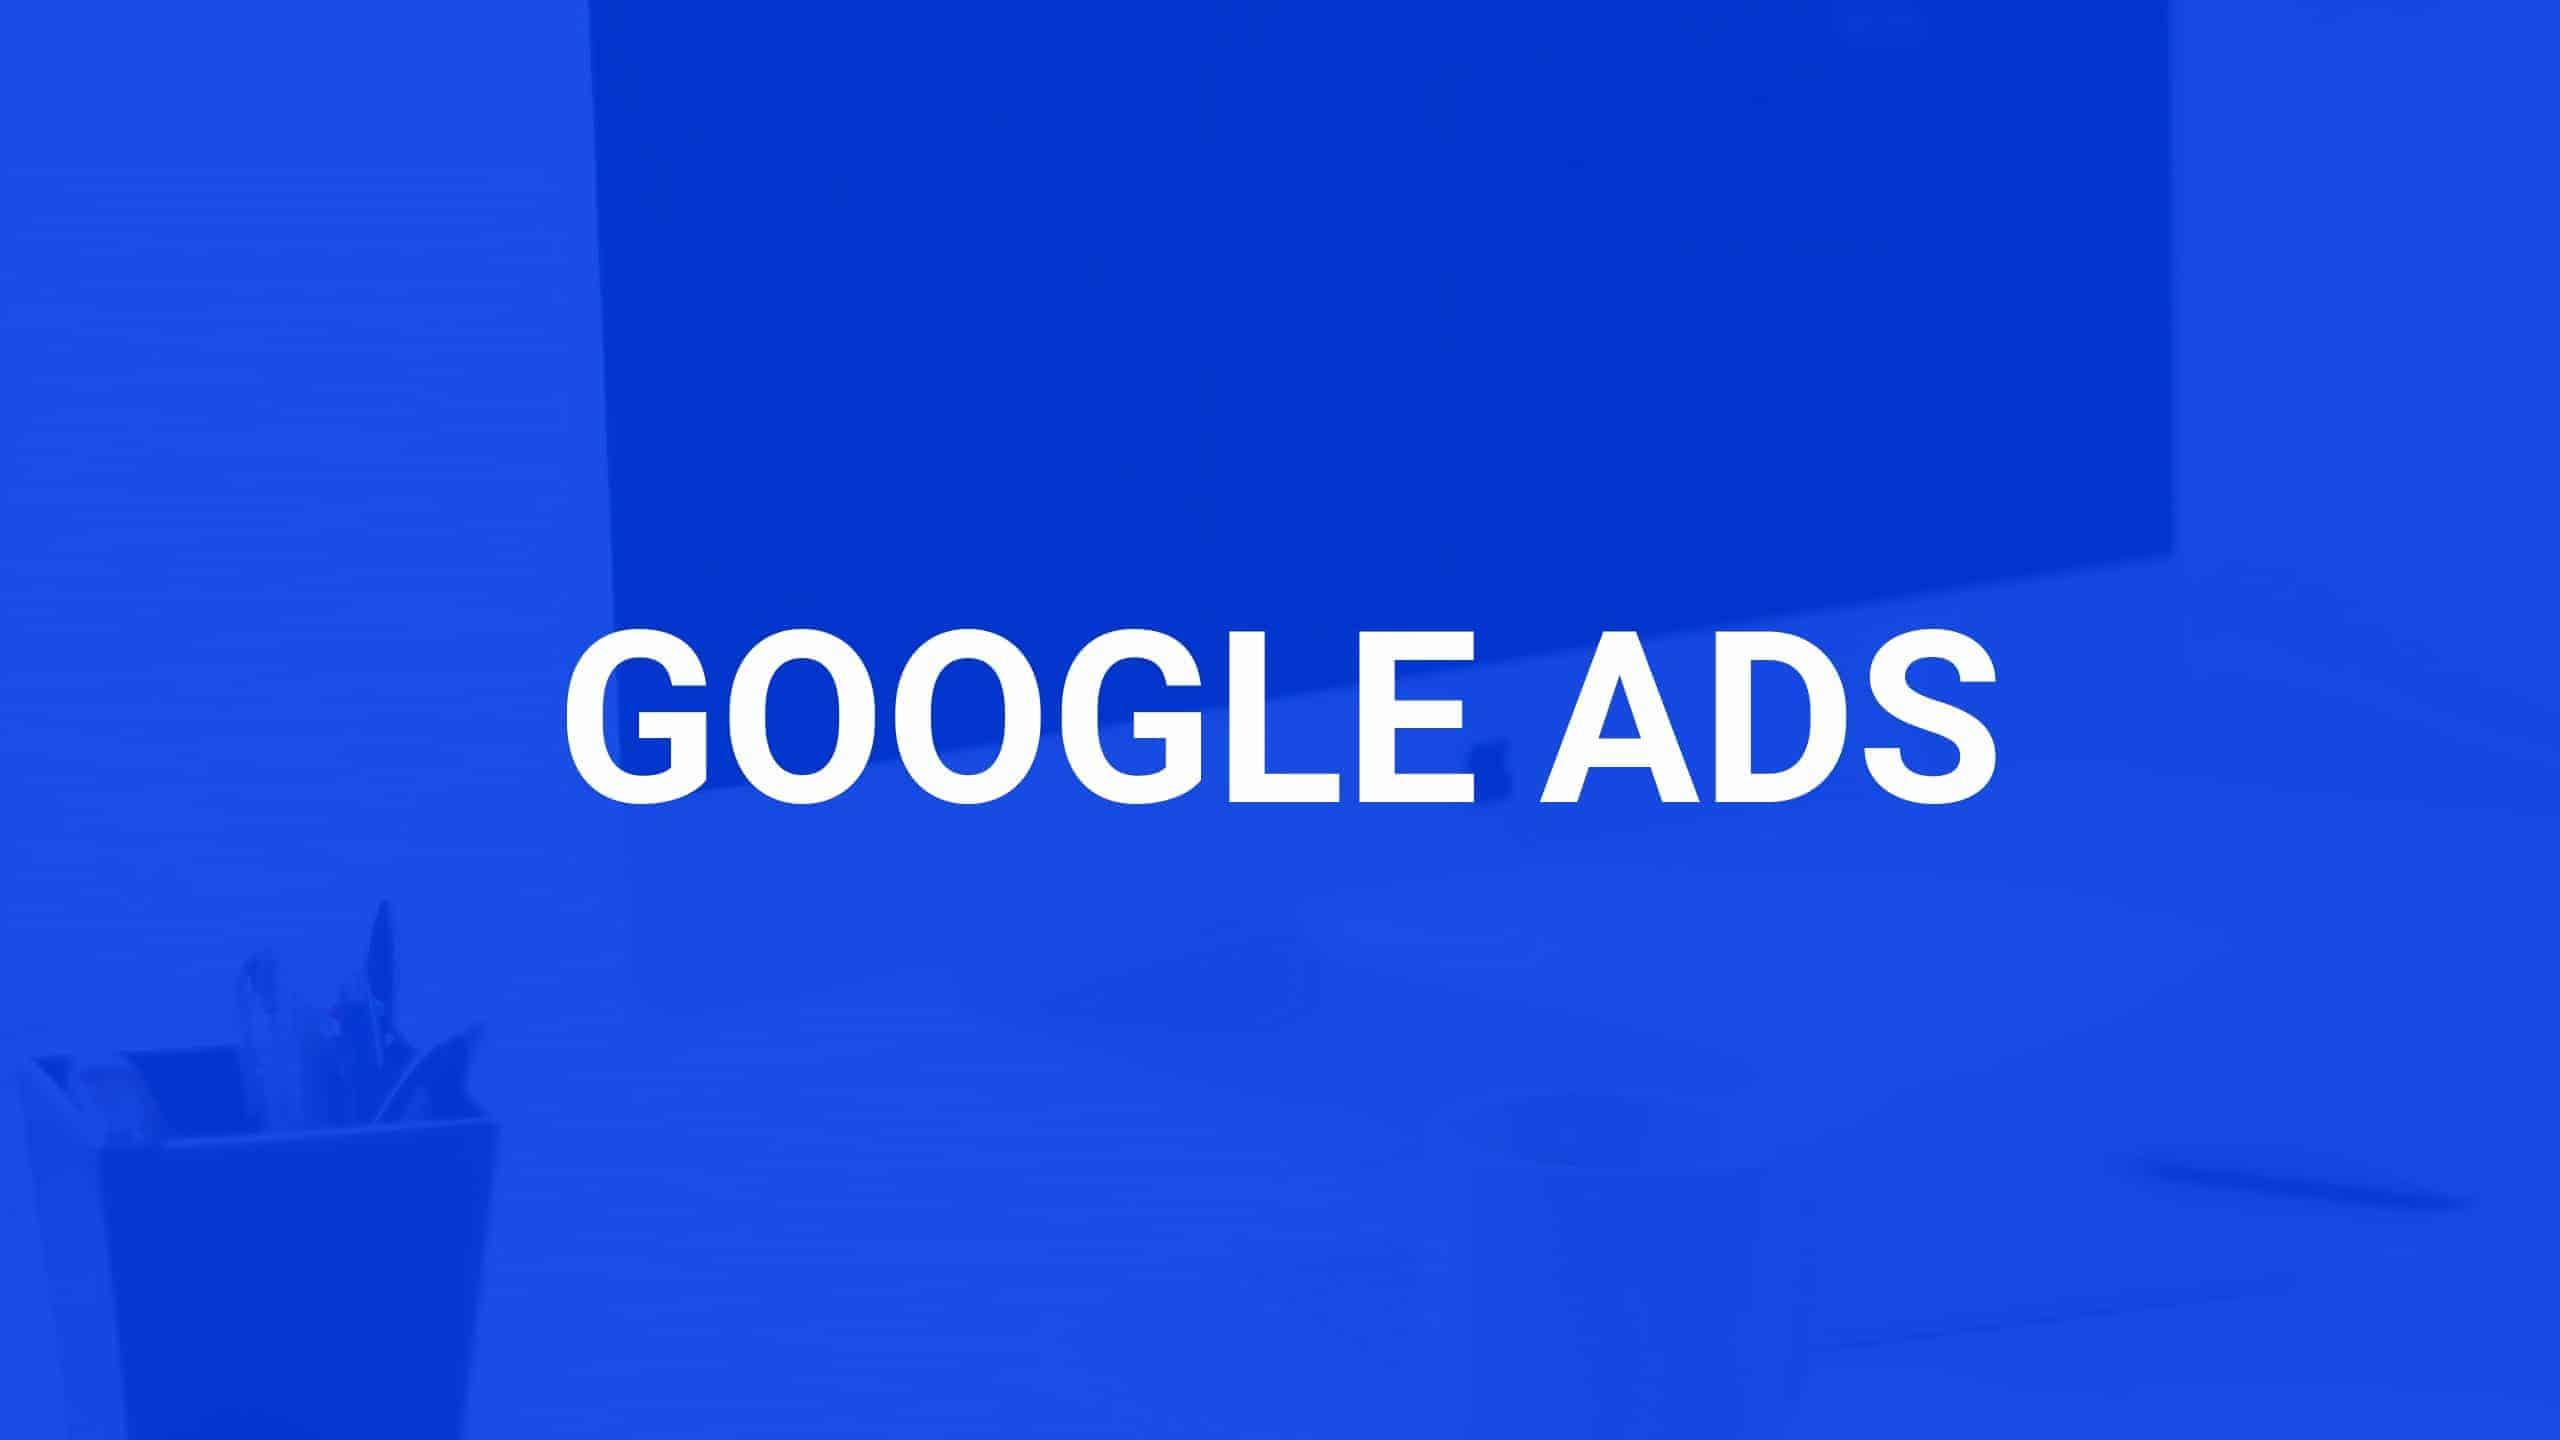 Google blokuje reklamy - Dlaczego i jakie? 4